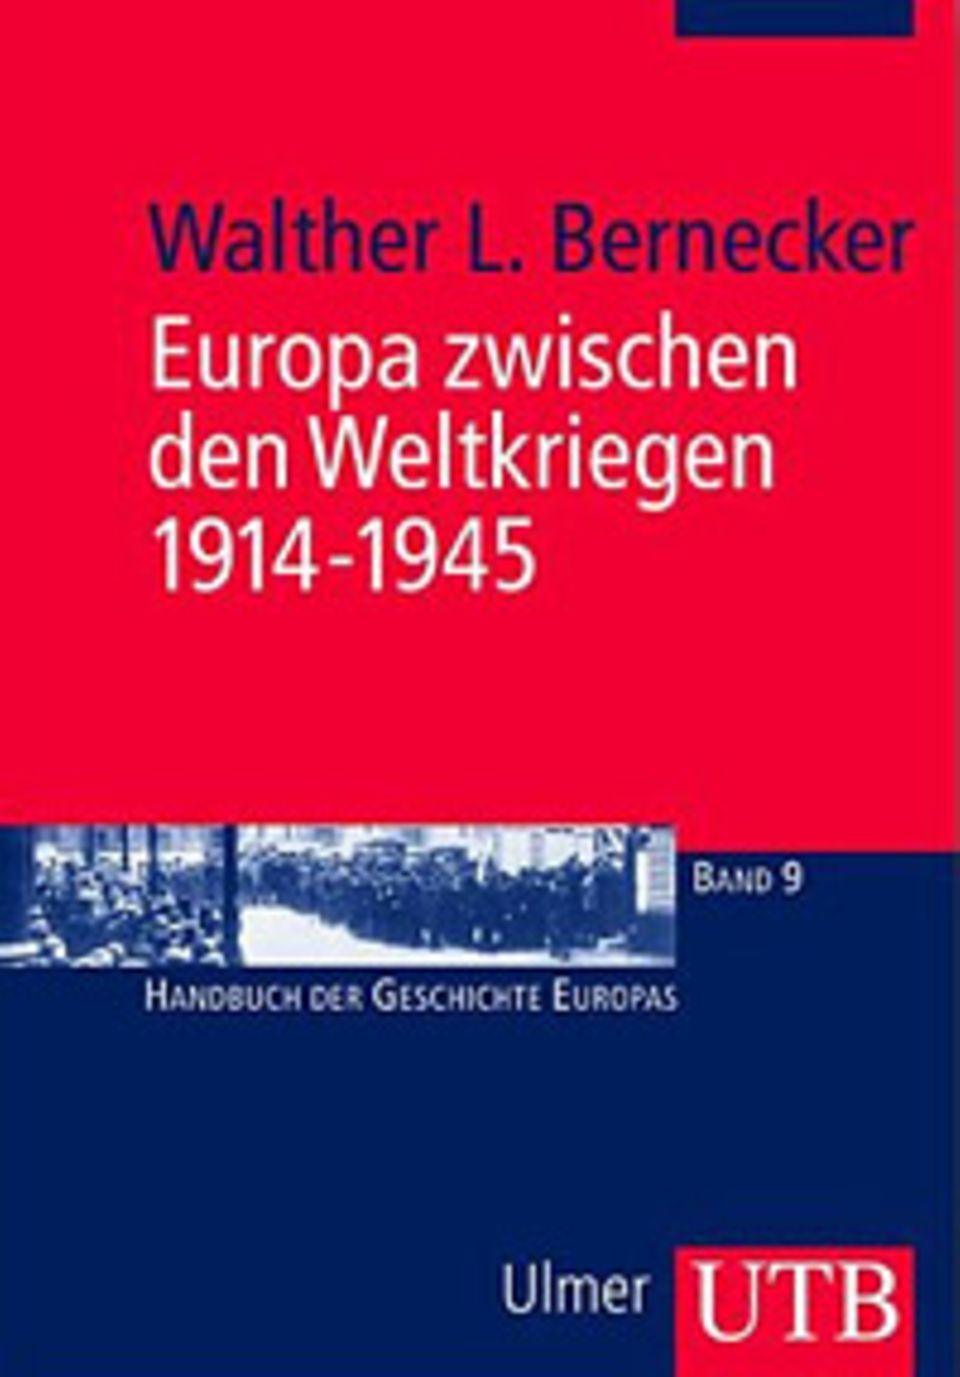 GEOEPOCHE-Buchtipps: Der Zweite Weltkrieg - Teil 1